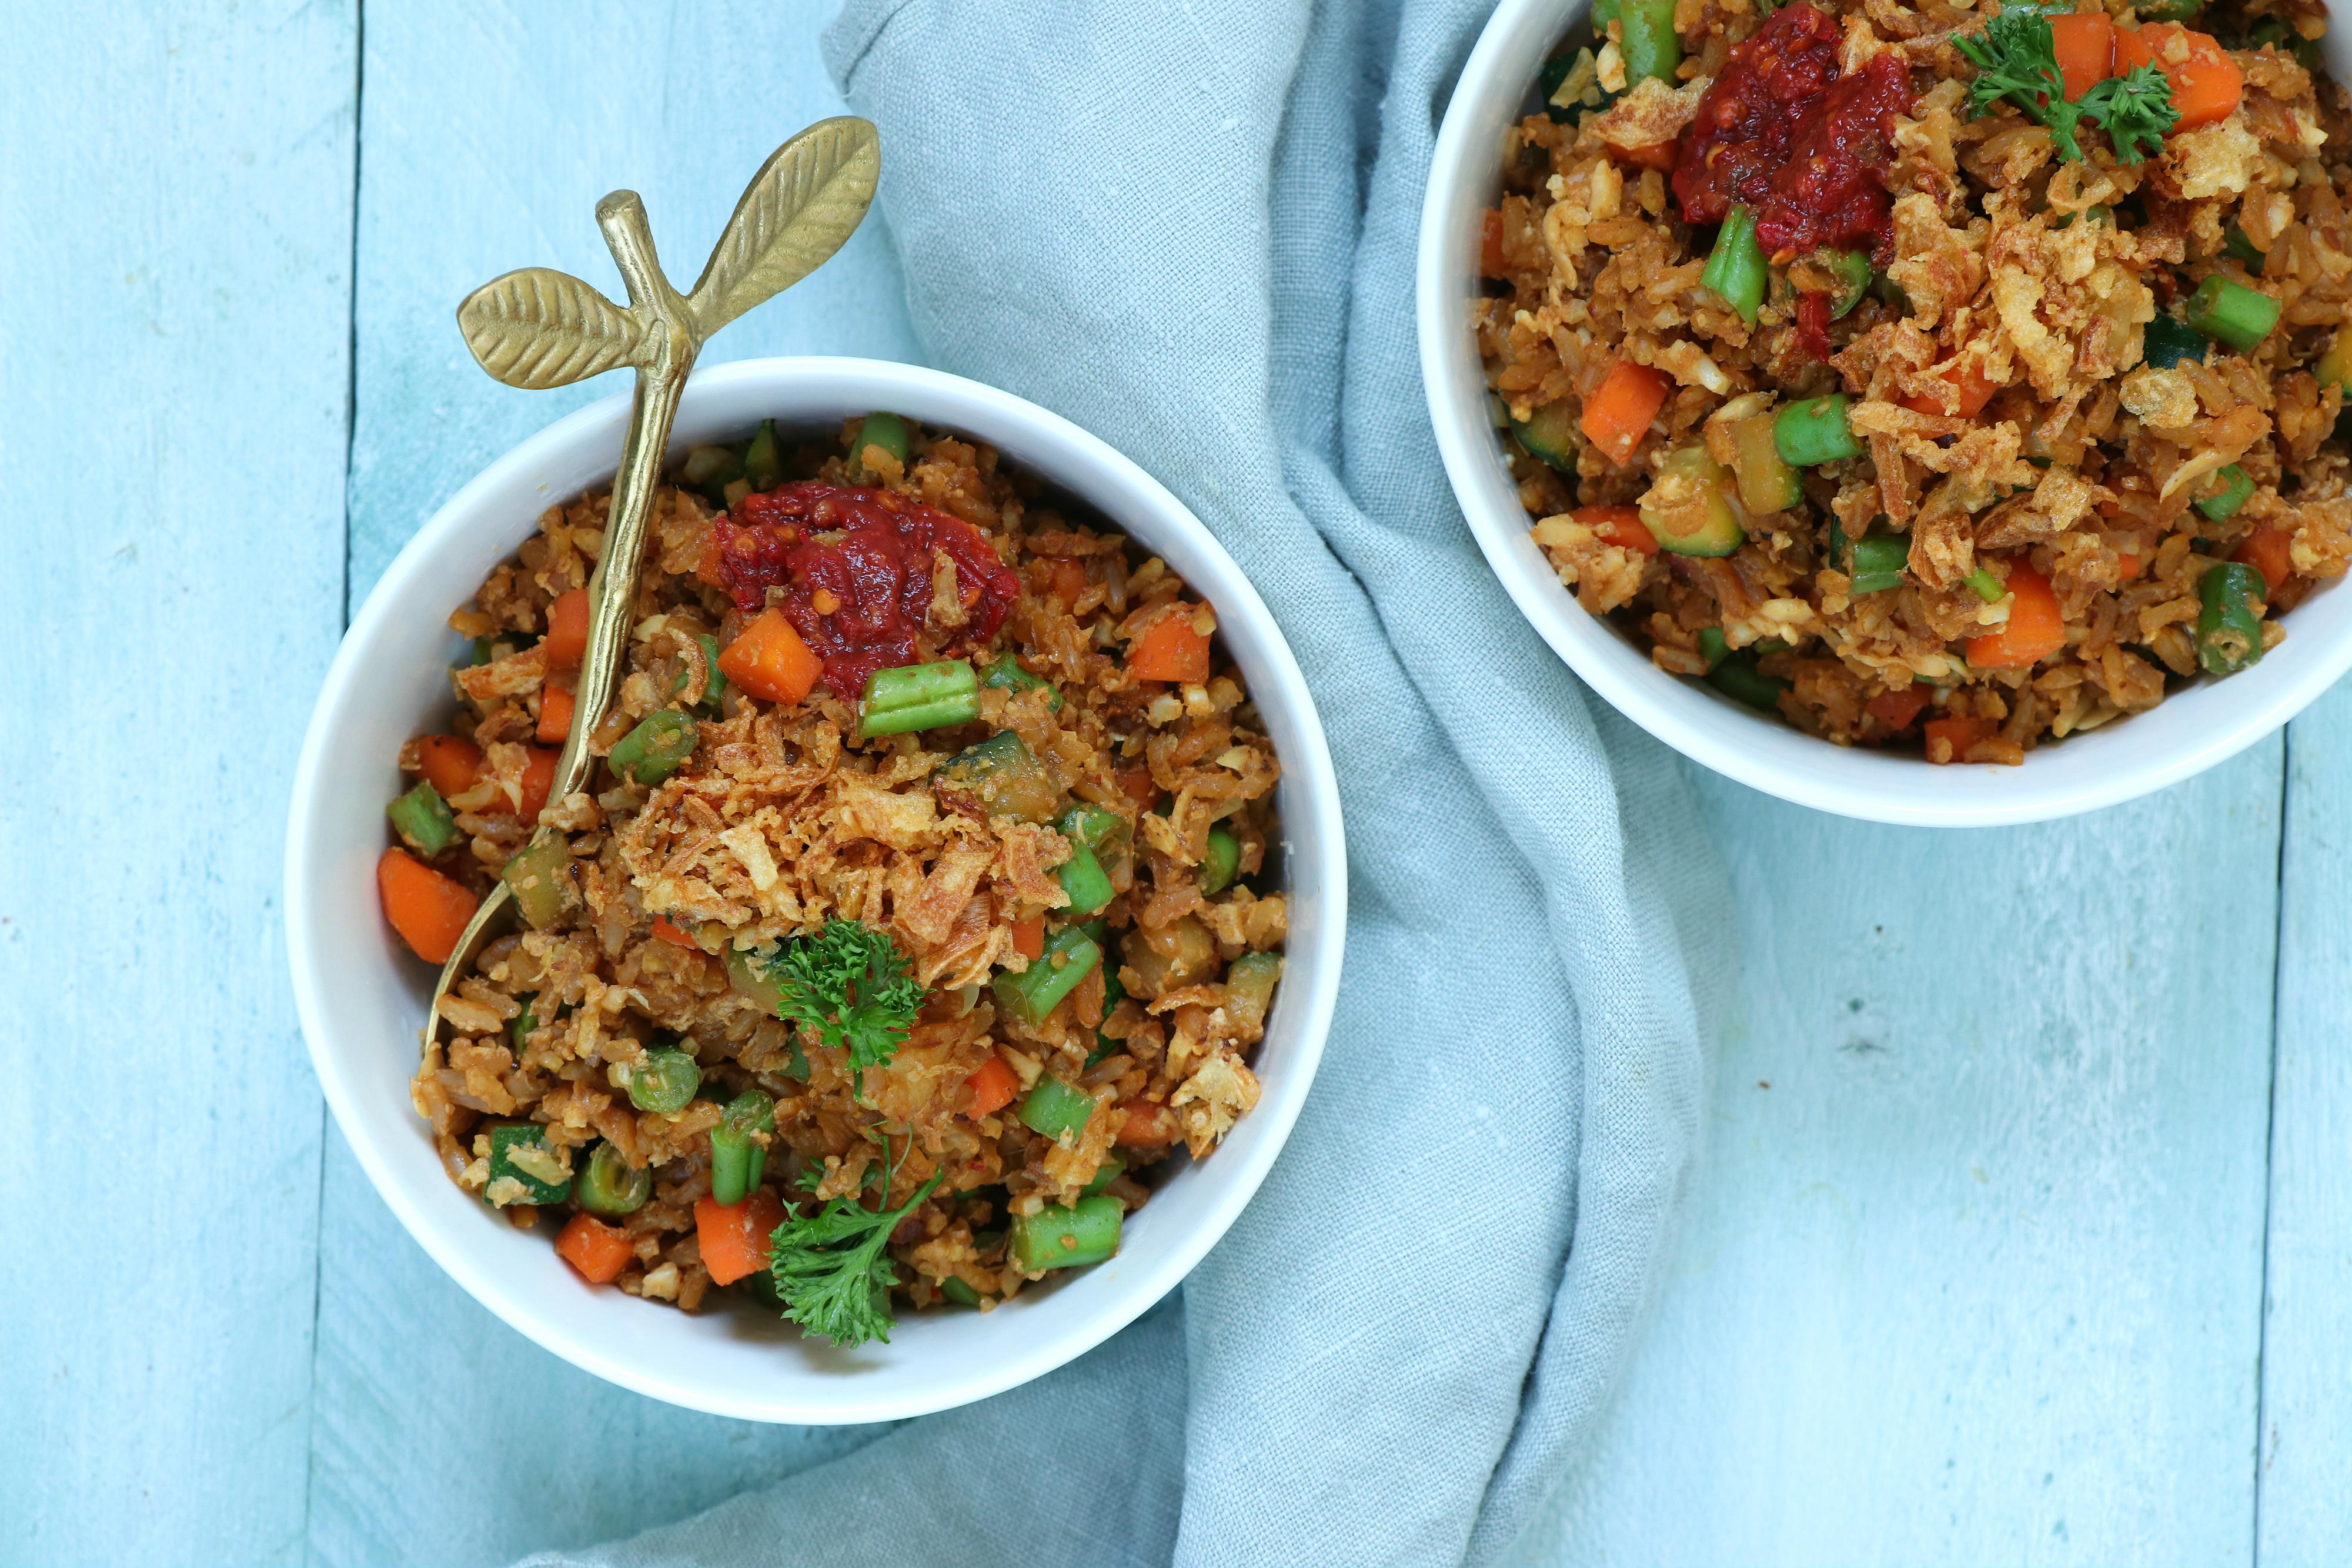 Vegetarische fried rice gebakken rijst recept www.jaimyskitchen.nl